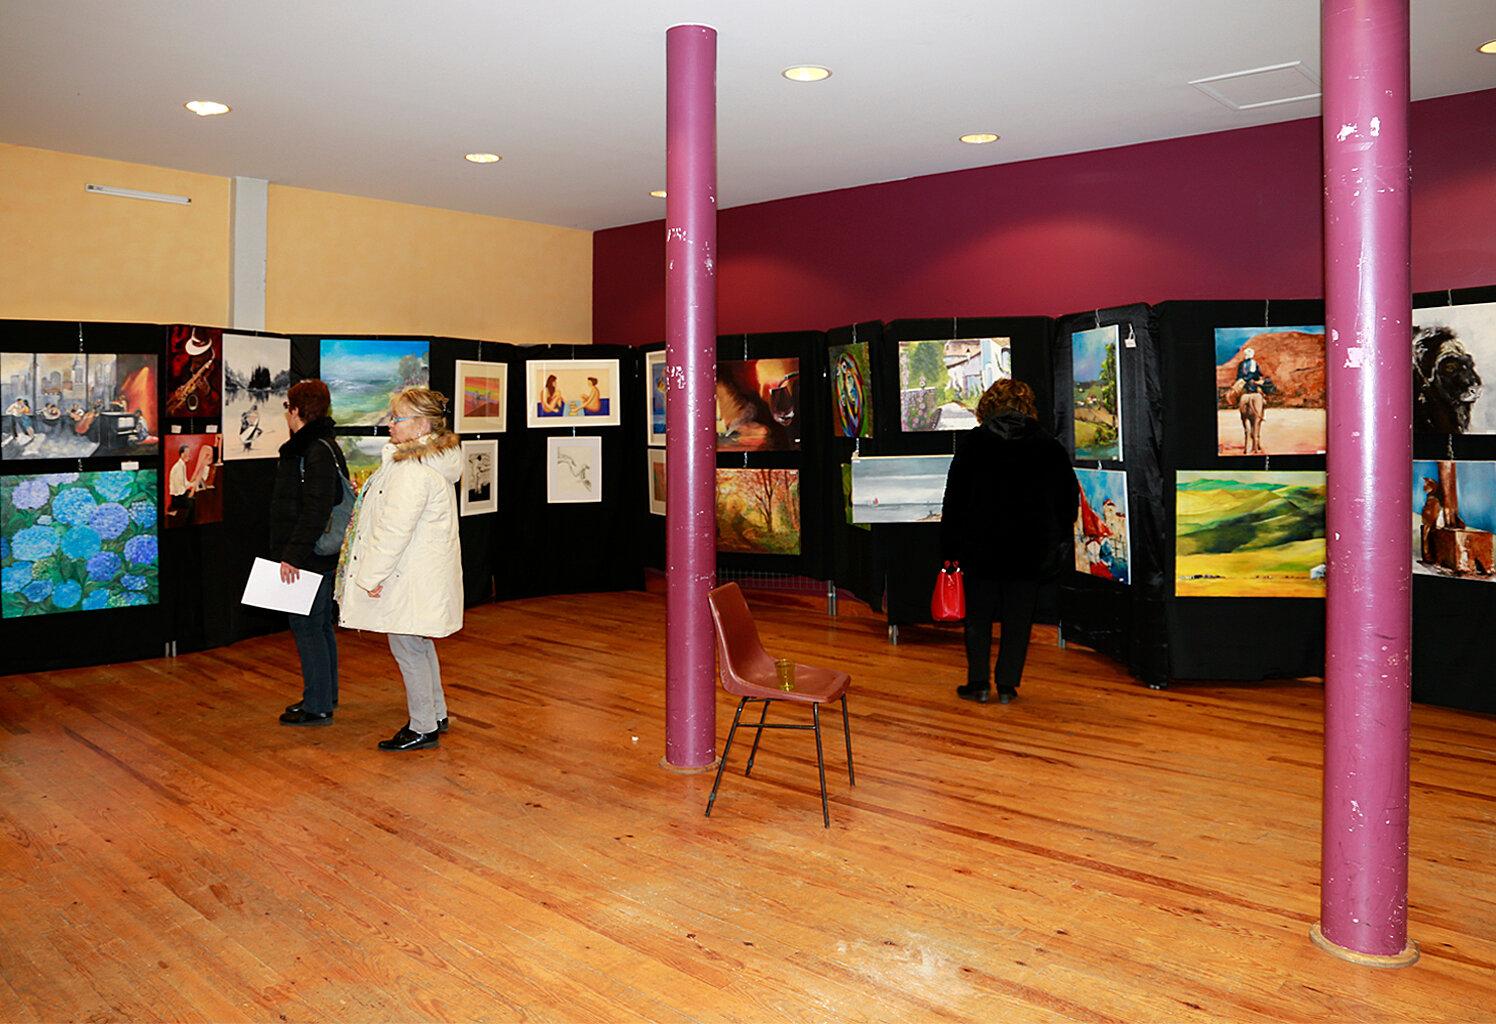 Salon des arts 25-26 janvier 2020 - GG1 (11)